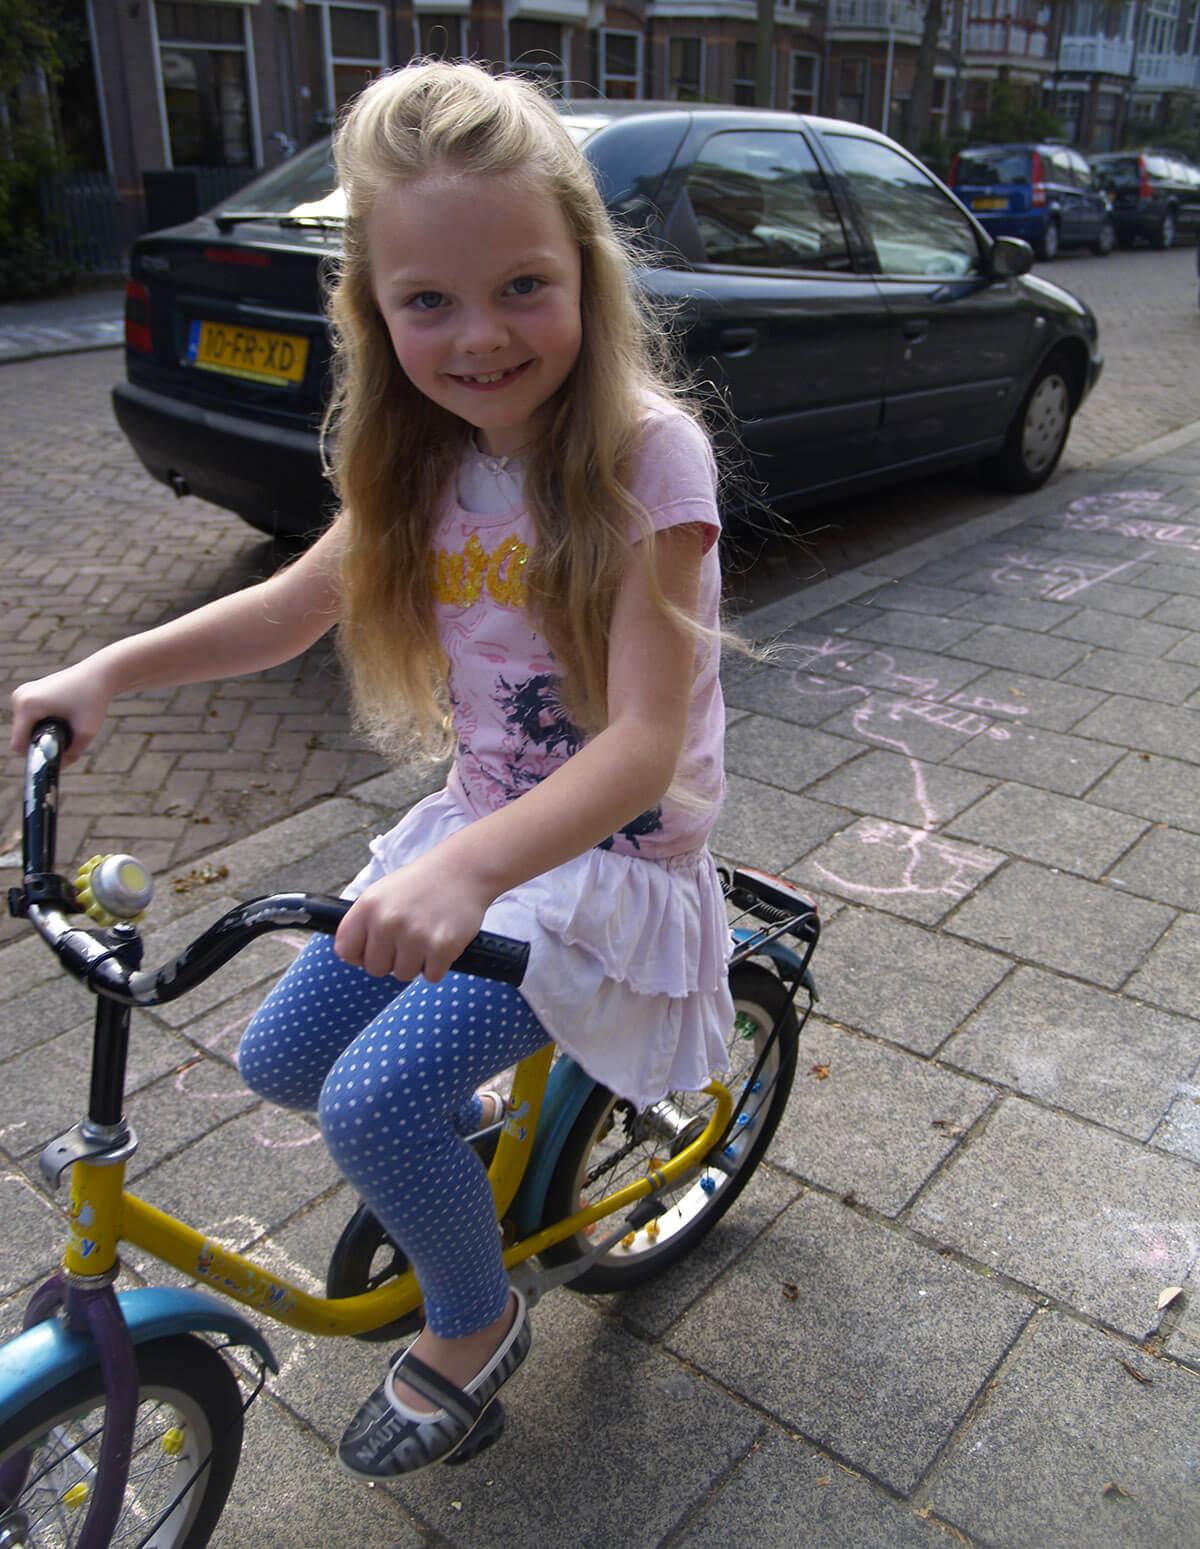 Giraf leert fietsen, leren fietsen, fietsen leren,